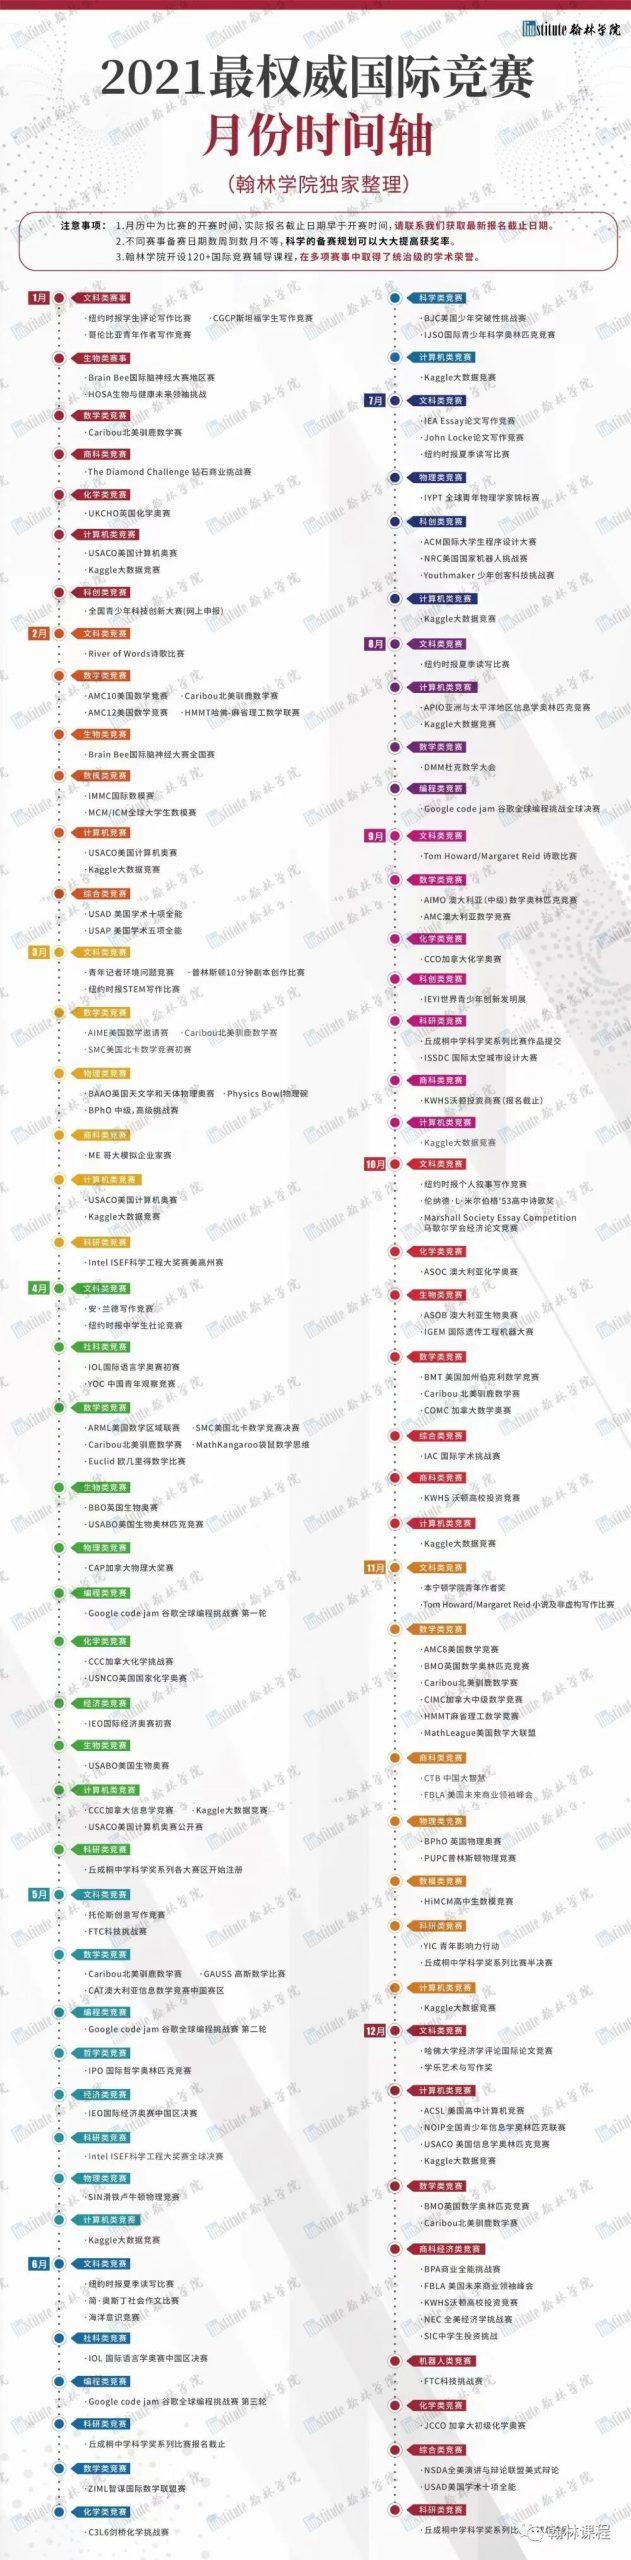 2022剑桥大学timetable出炉!想成功拿到offer招生官说要做好这5步!